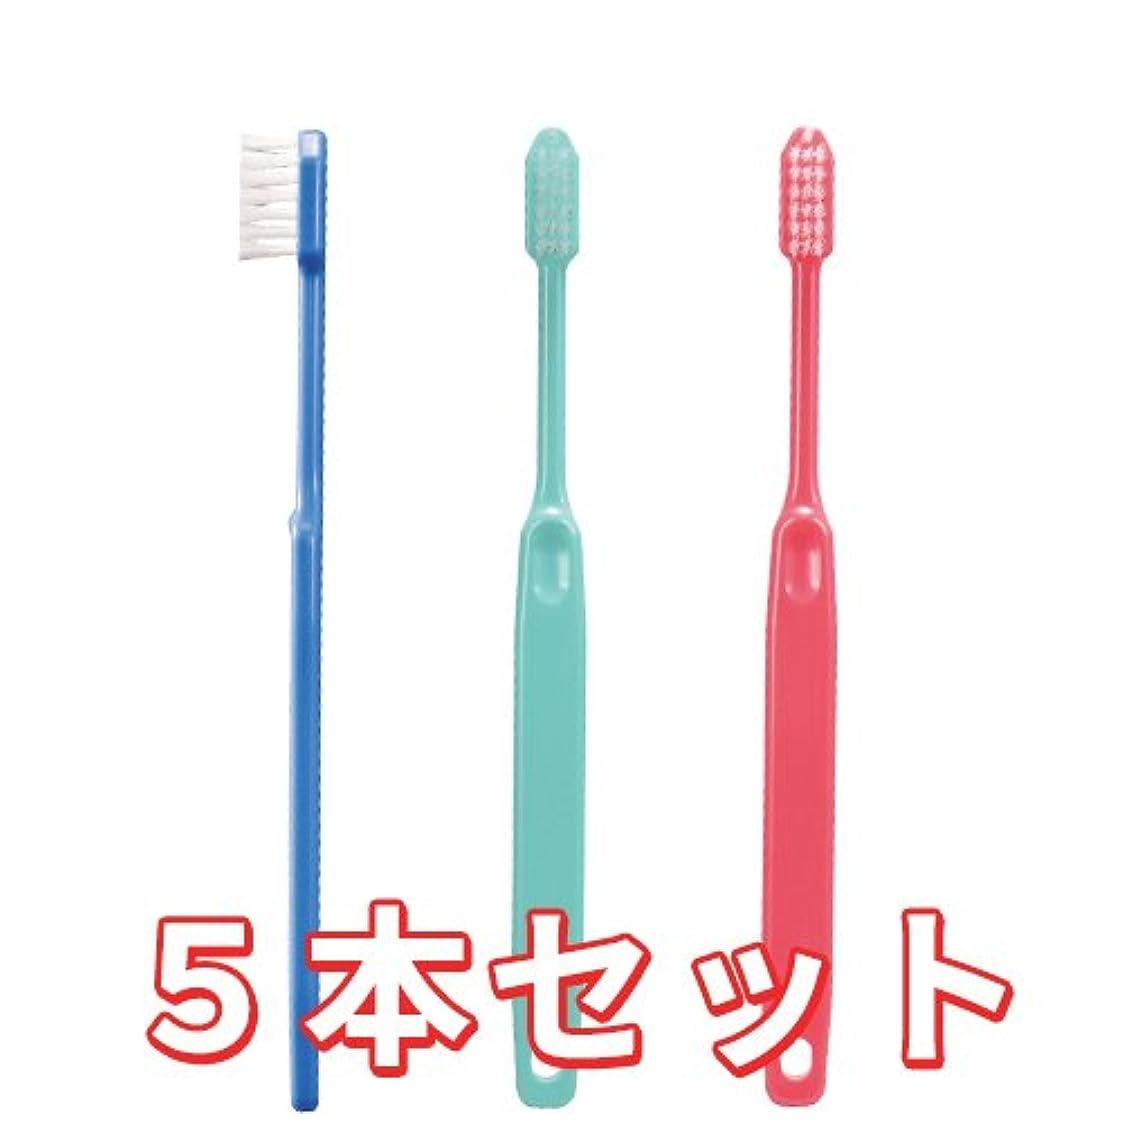 カウンタビーズ健全Ciメディカル 歯ブラシ コンパクトヘッド 疎毛タイプ アソート 5本 (Ci25(やわらかめ))